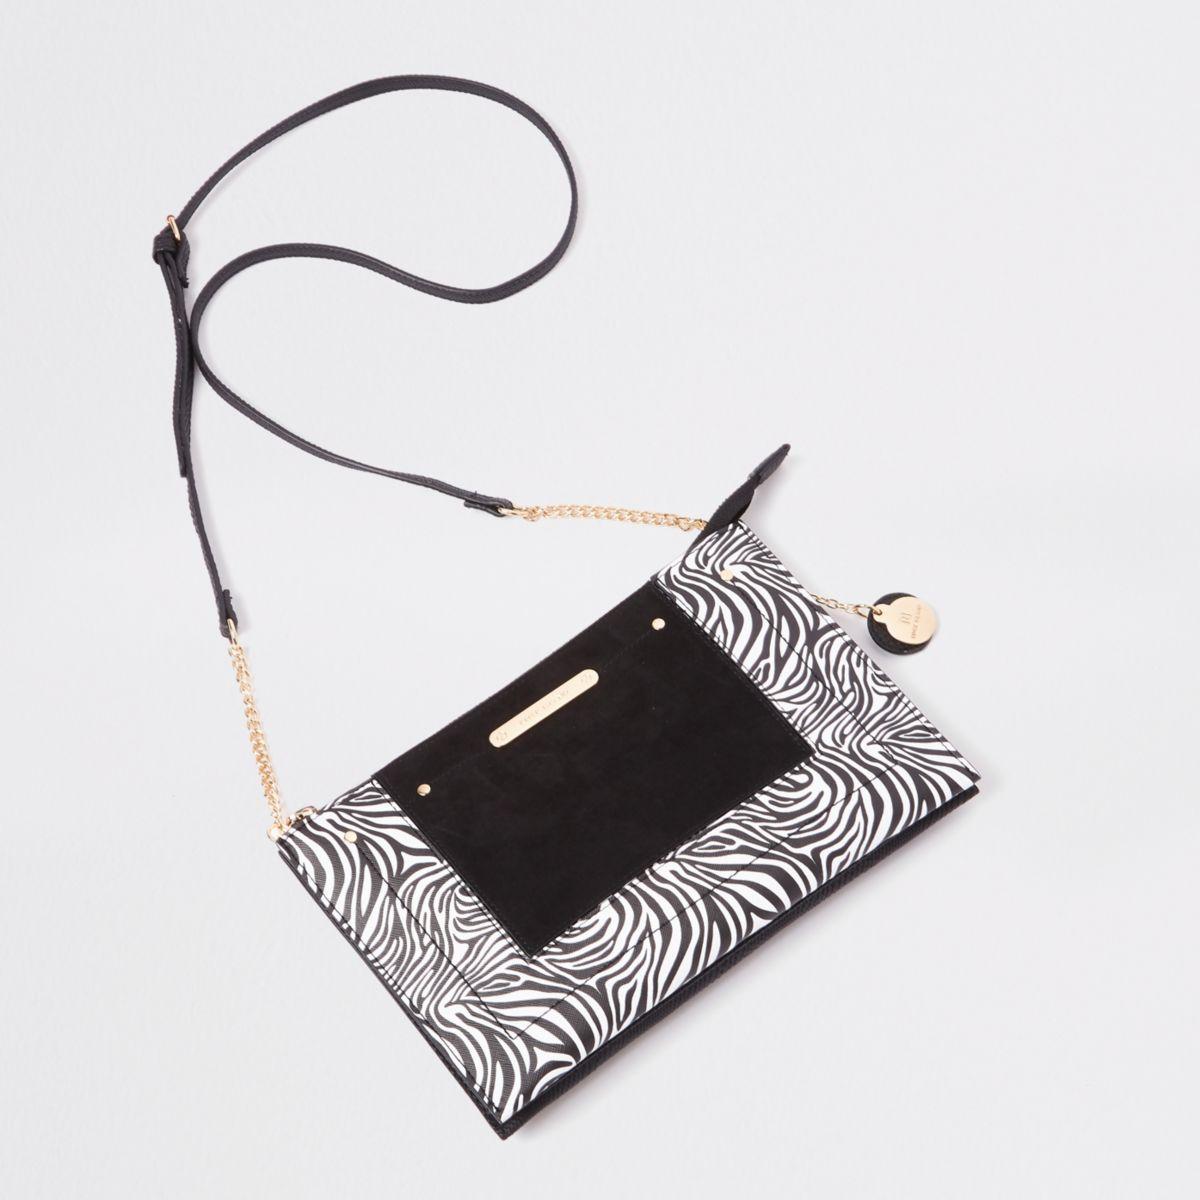 Zwarte crossbodytas met zebraprint